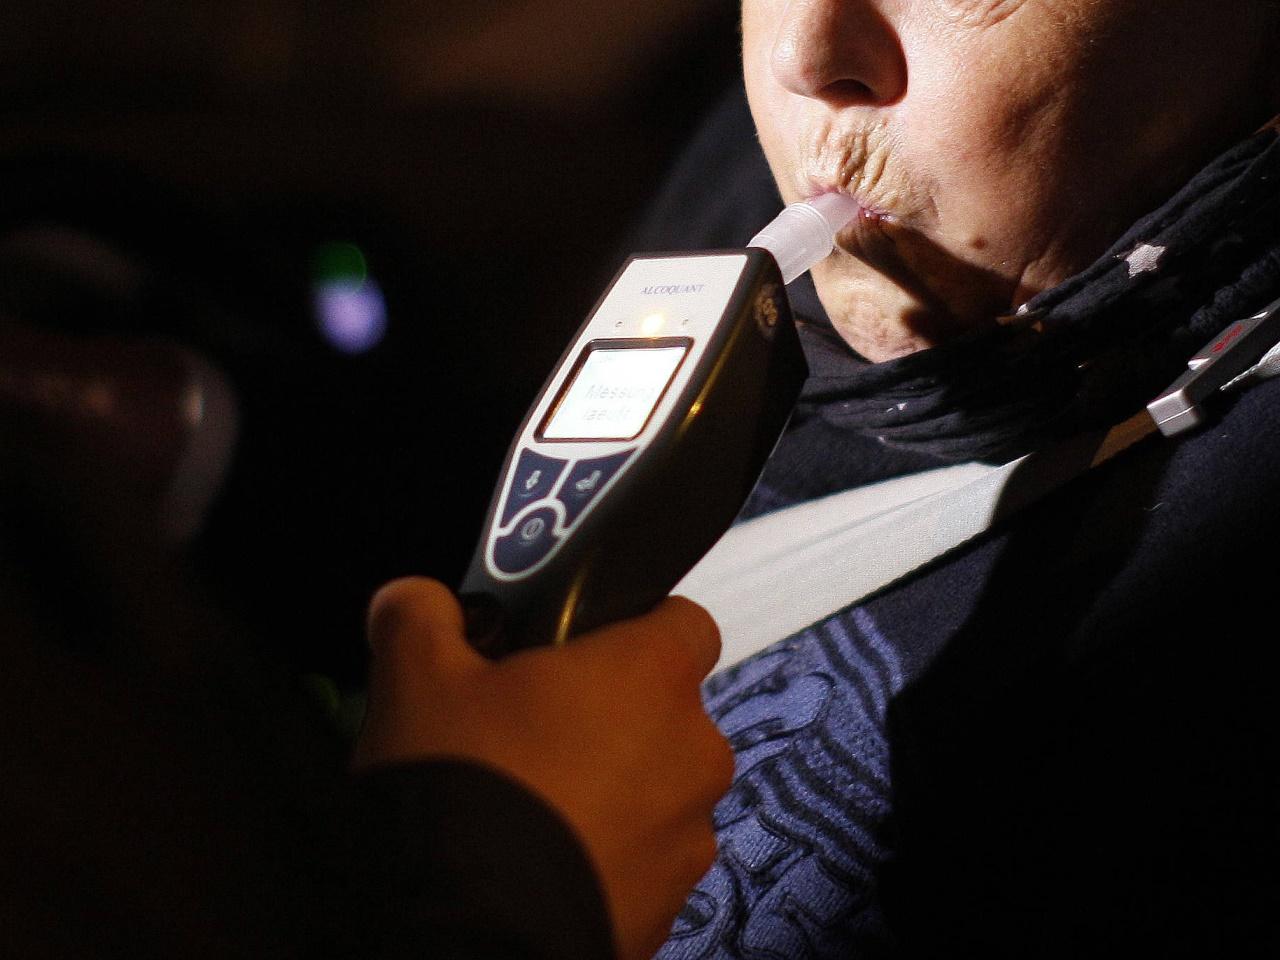 Alkoholisierter Bräutigam muss am Hochzeitstag Führerschein abgeben